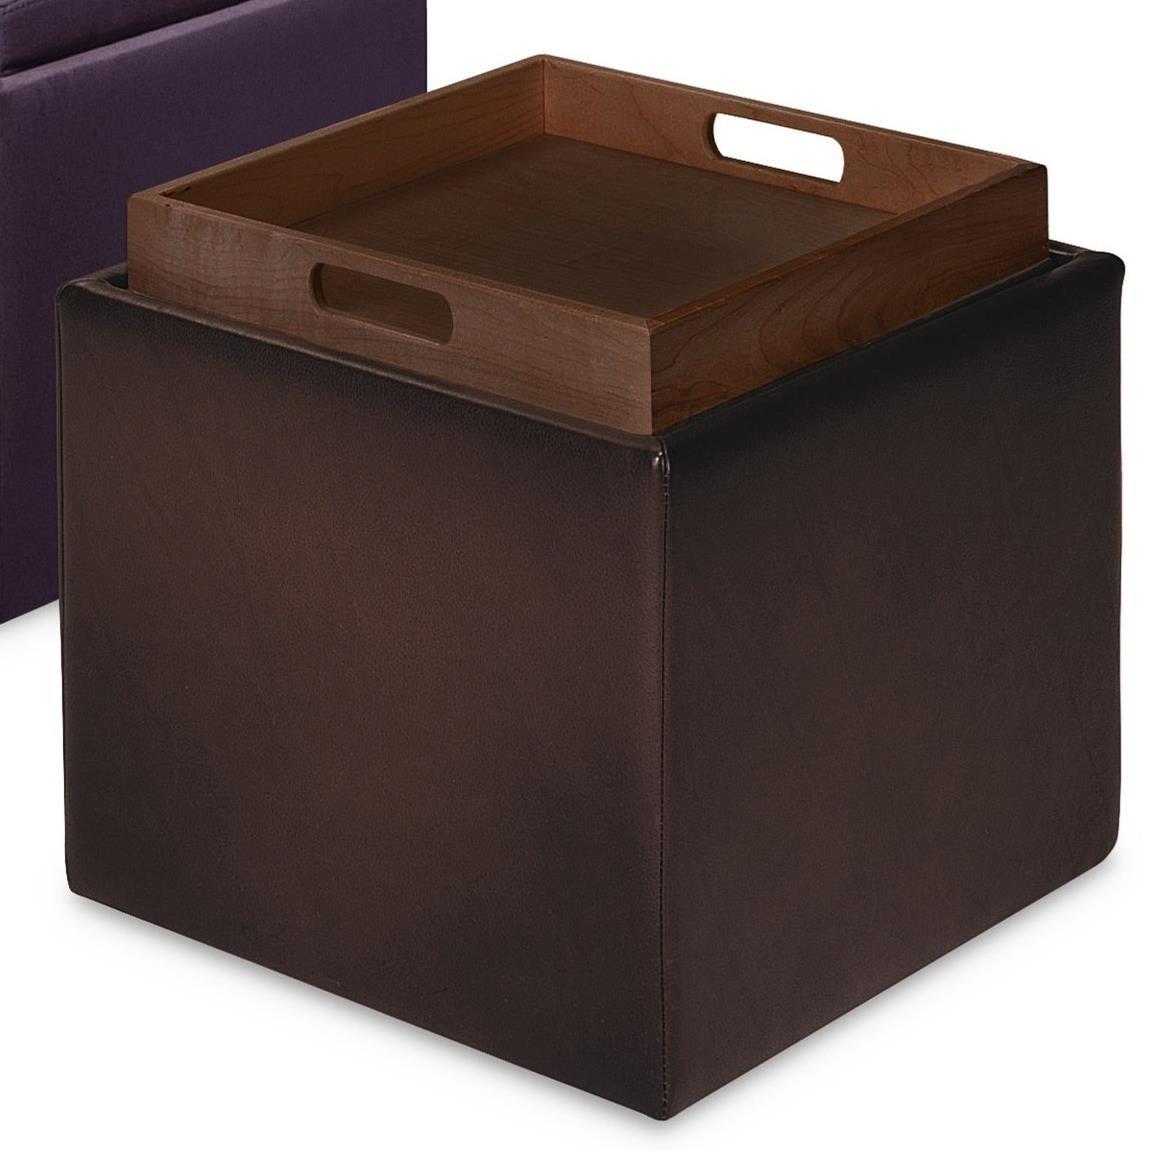 american leather uno square storage